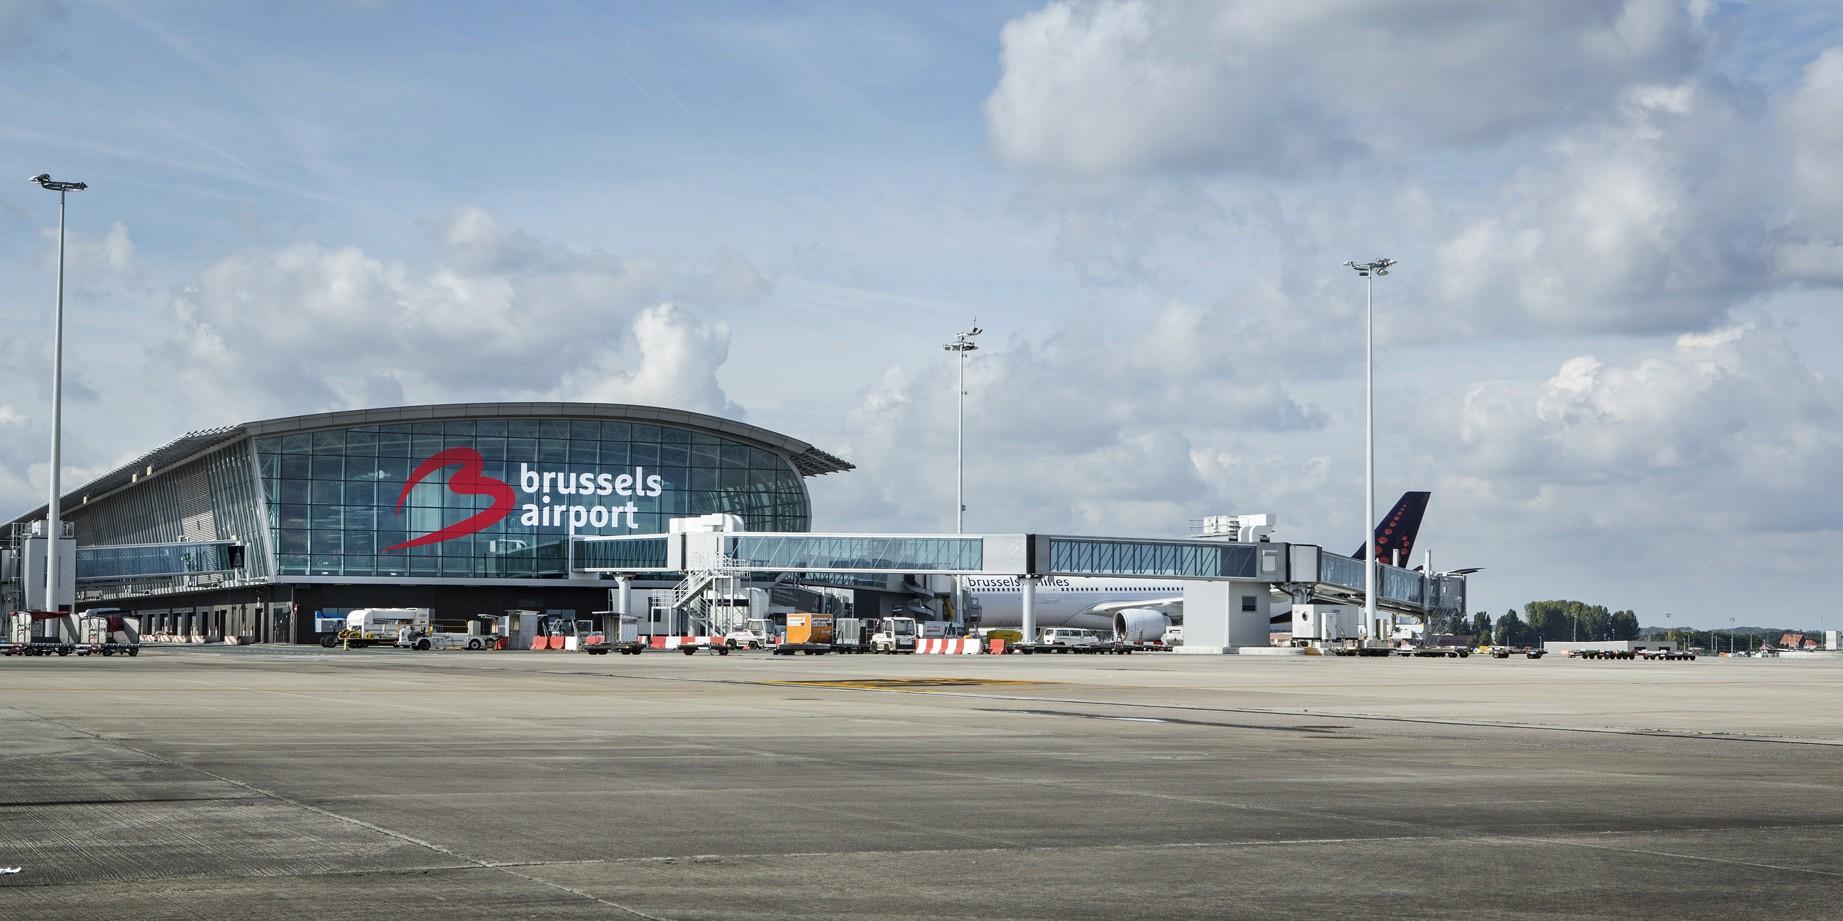 فرودگاه بروکسل